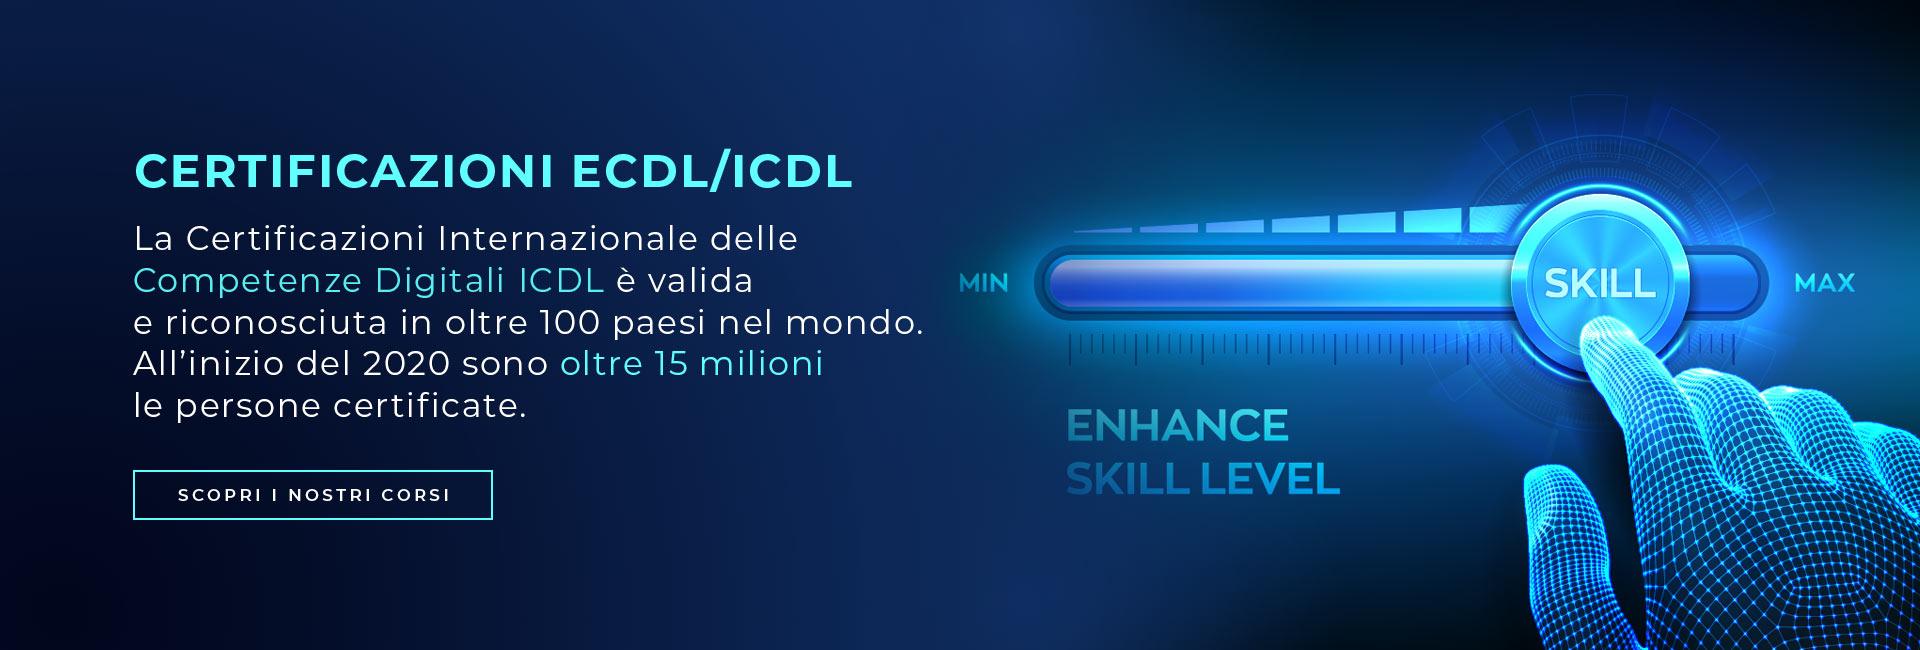 slide-desktop-005